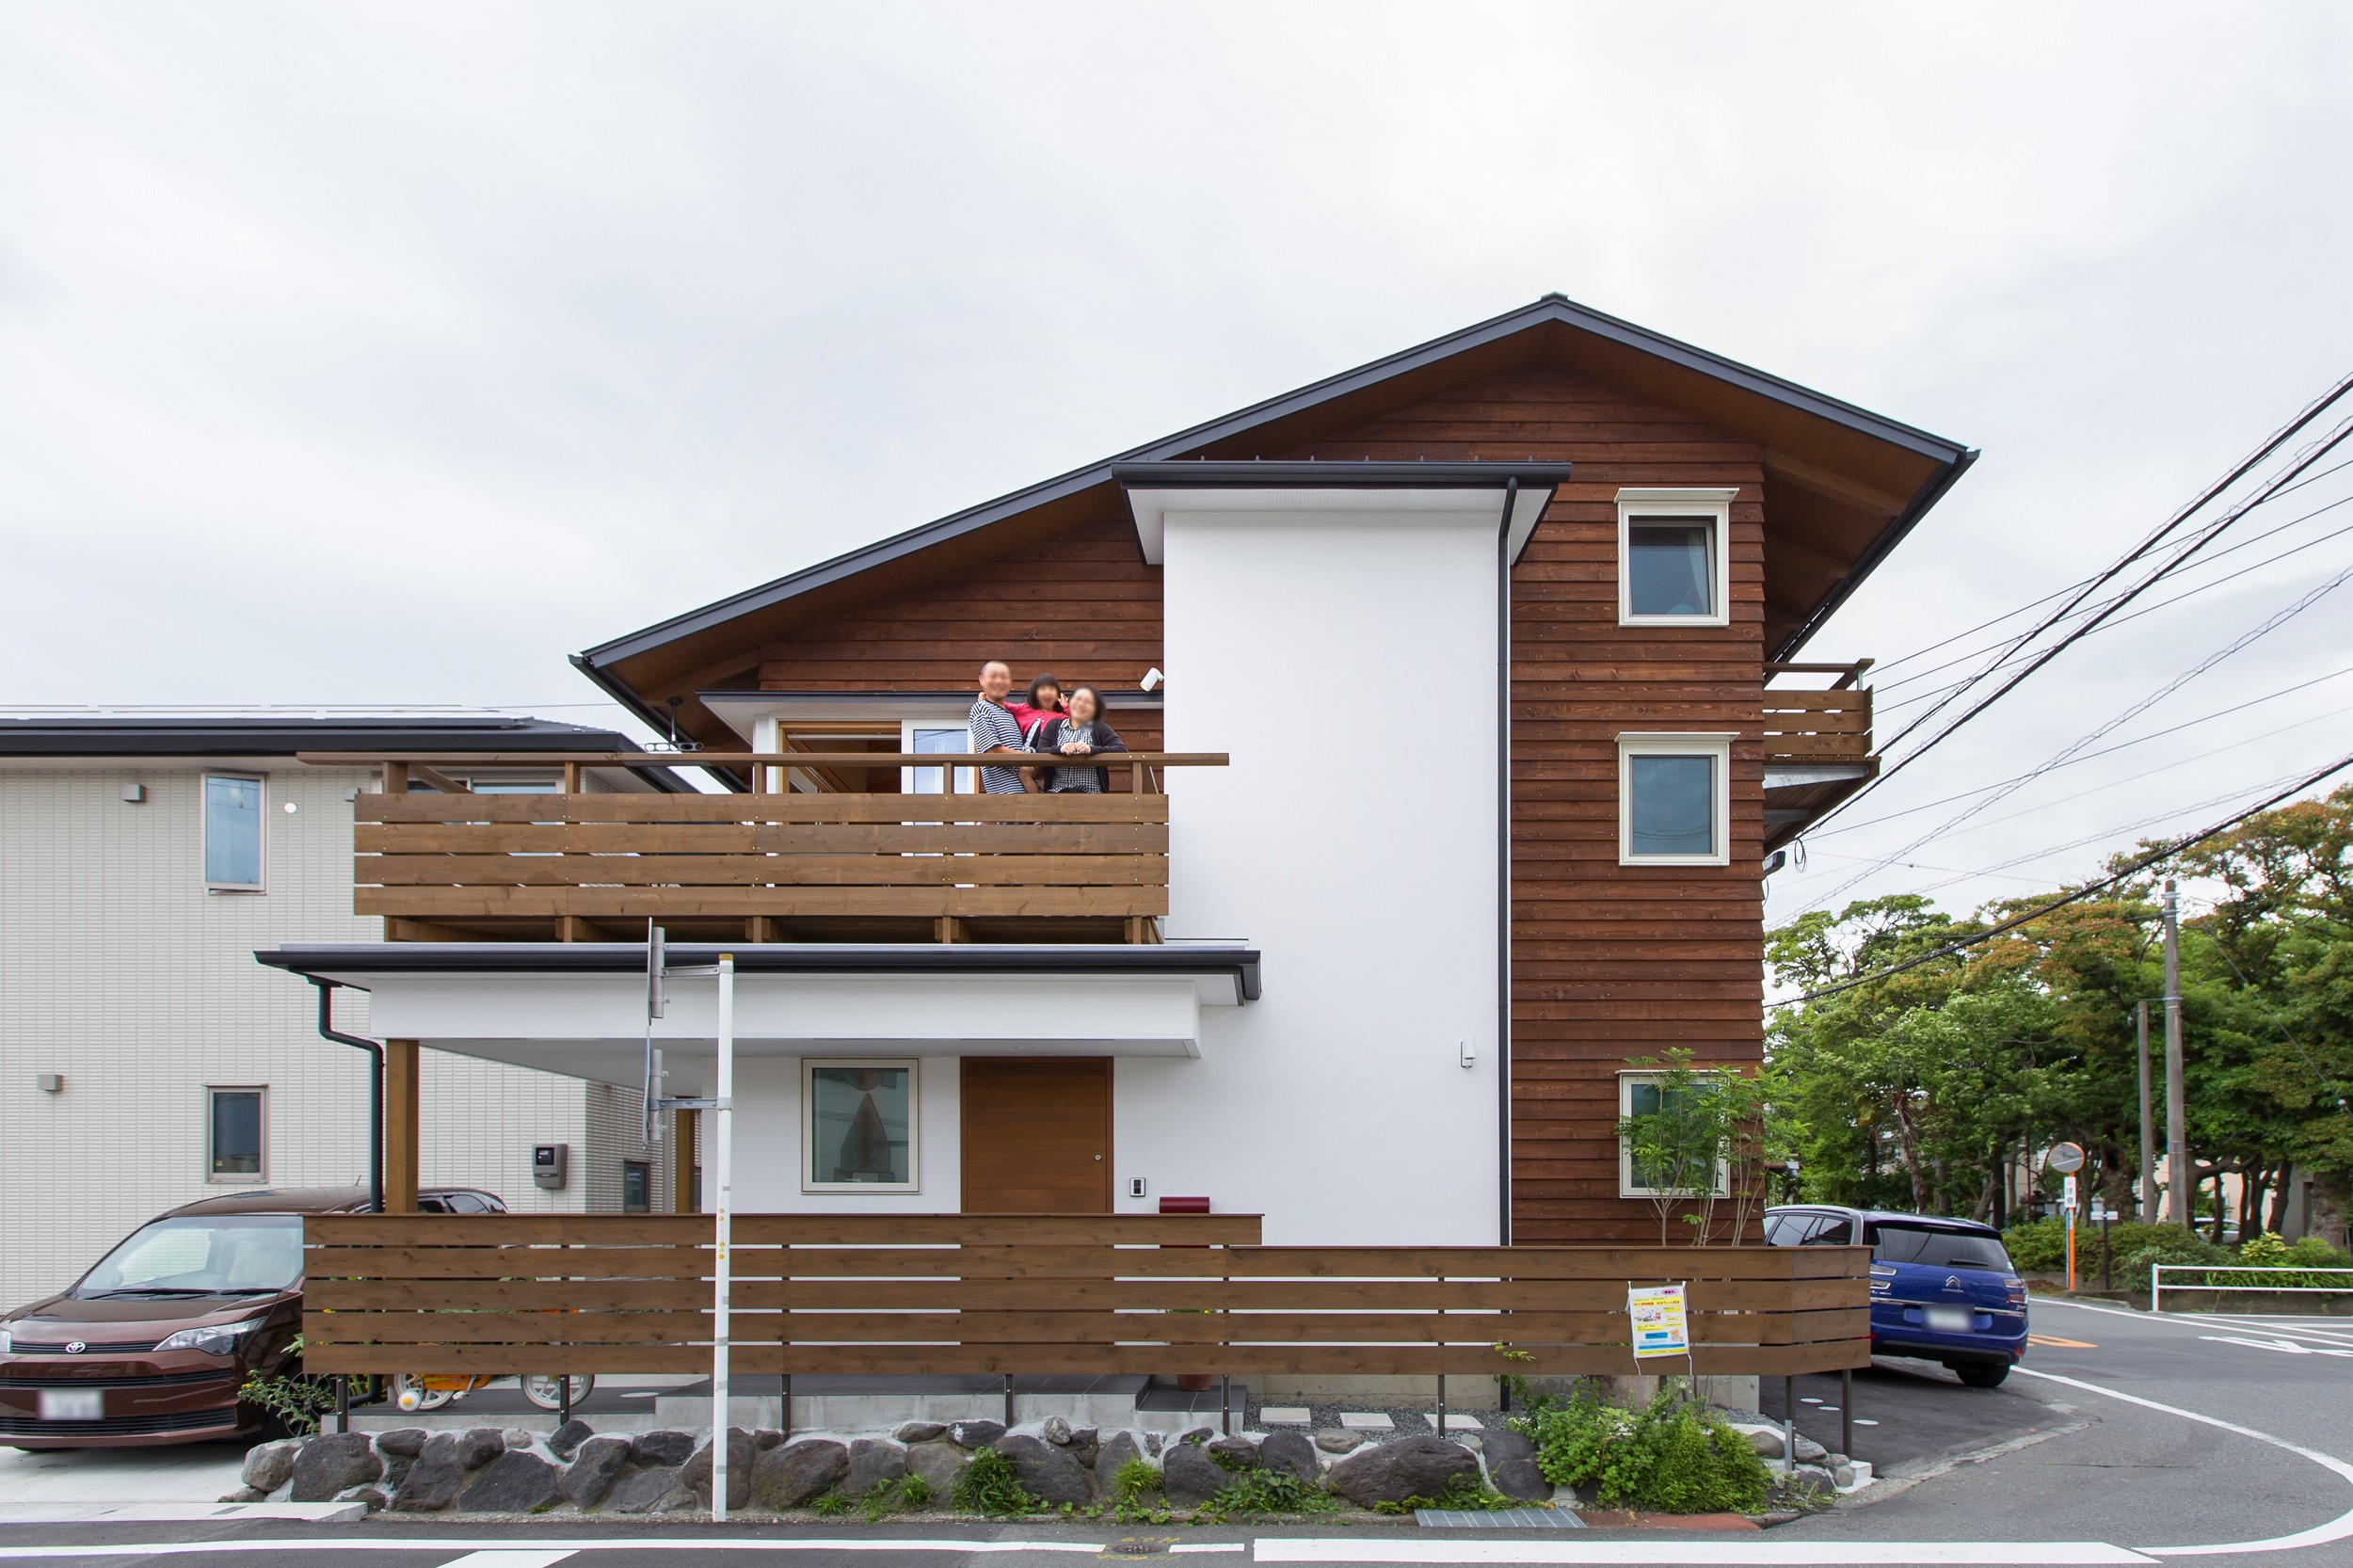 採光があまり望めない分、屋根をへの字にし、屋根面での空気集熱を取り込むパッシブソーラーシステムを採用。